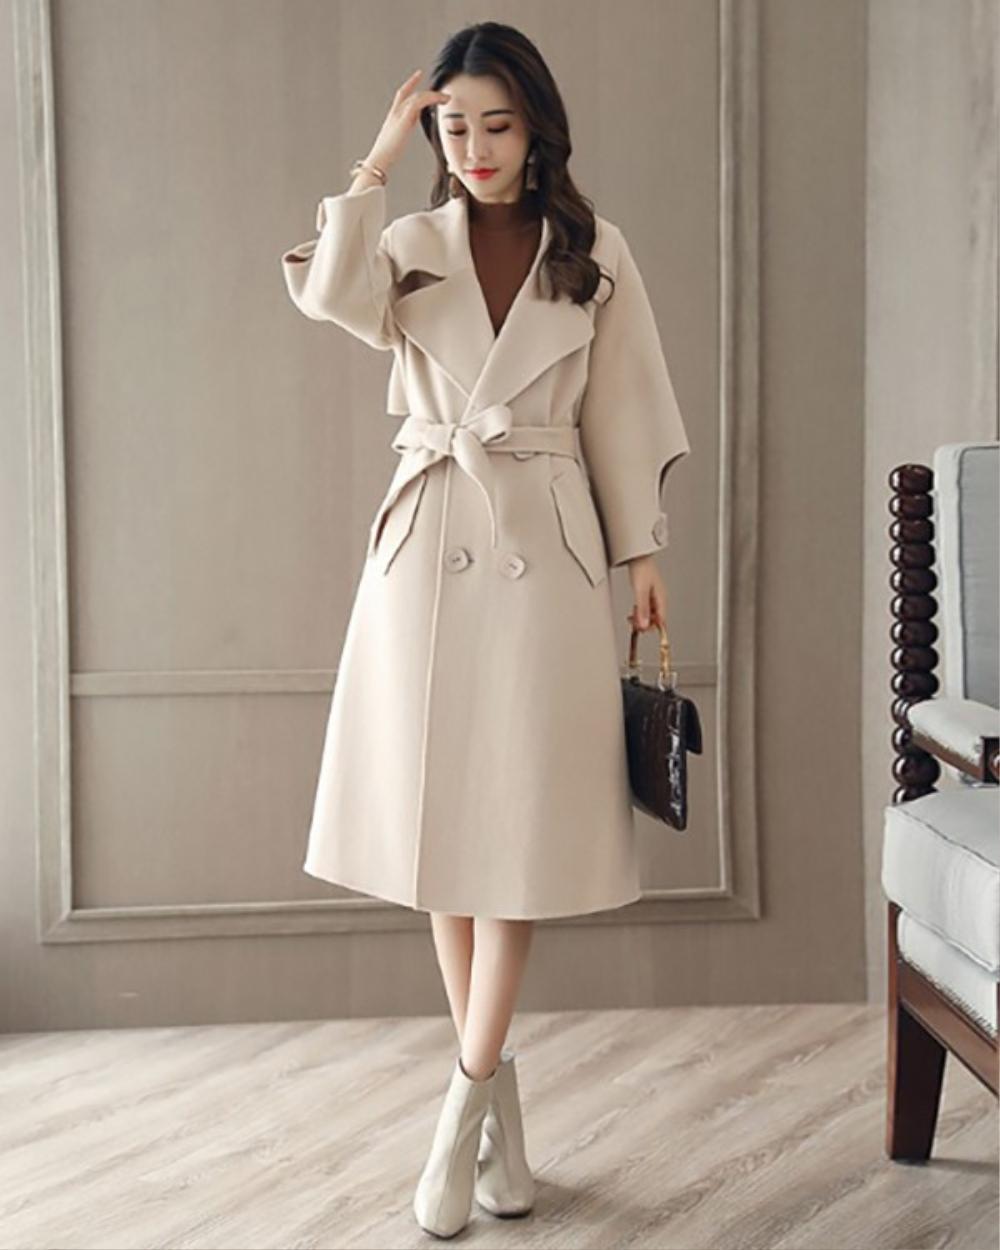 Gia Hân Luxury - Thương hiệu thời trang yêu thích của các cô nàng Ảnh 3